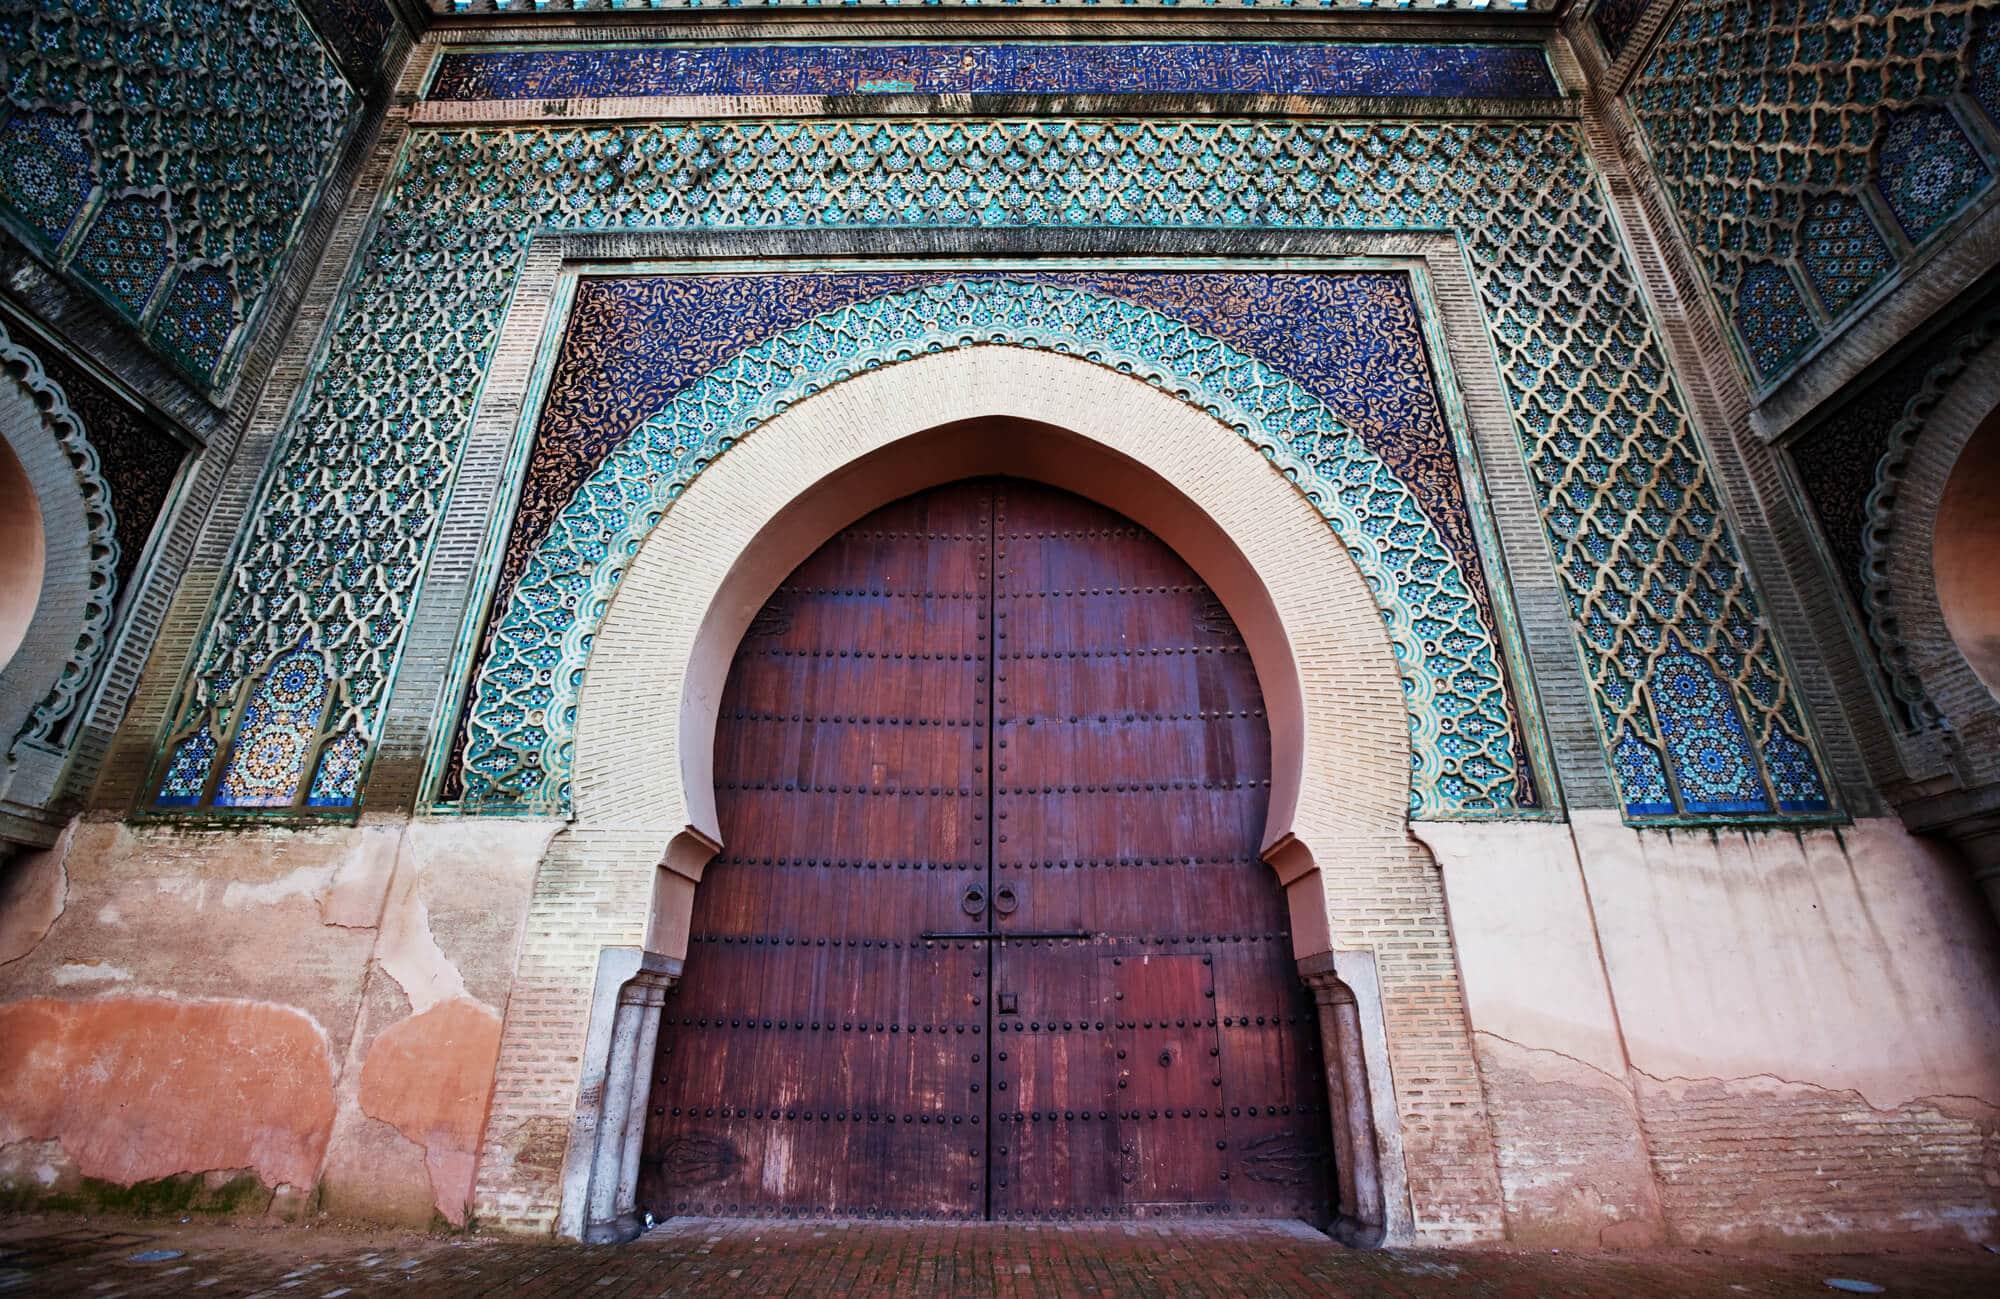 באב אל מנסור, העיר מקנס, מרוקו